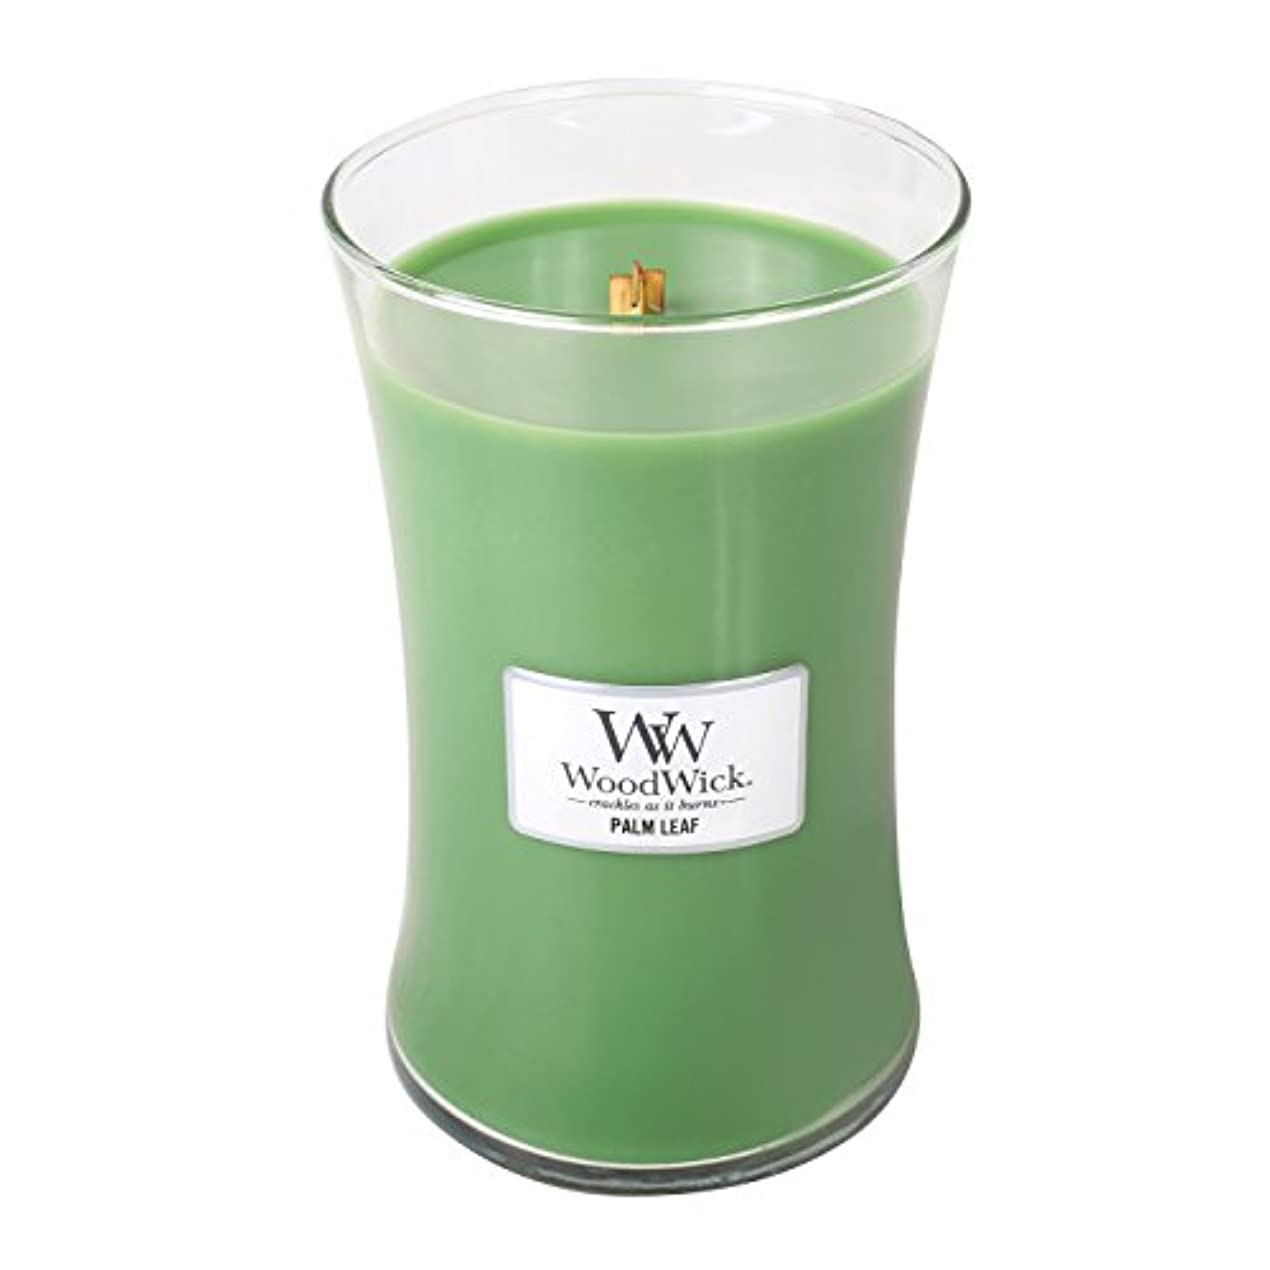 揃える行動春WoodWick PALM LEAF, Highly Scented Candle, Classic Hourglass Jar, Large 18cm, 640ml